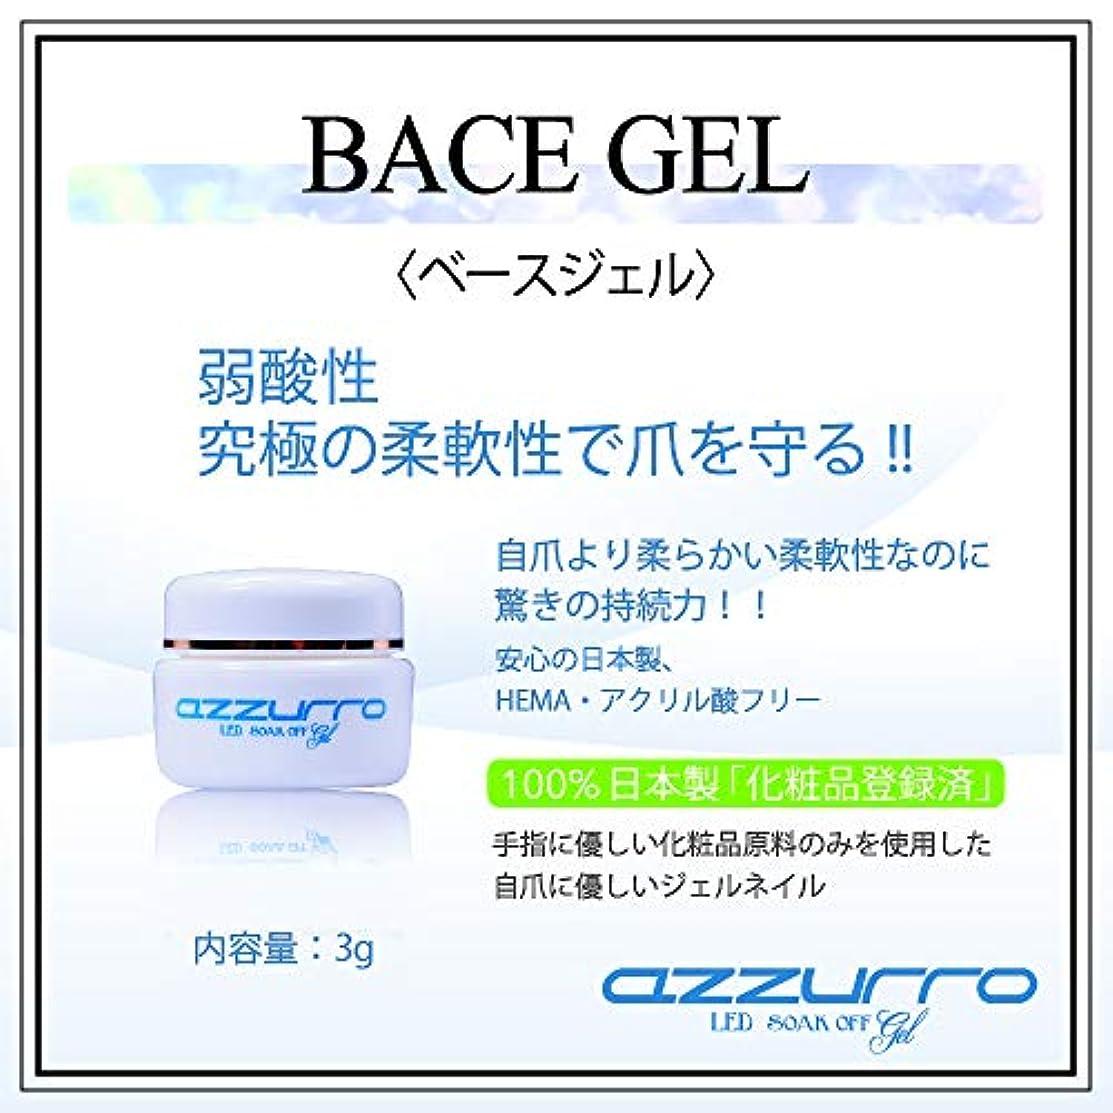 展開する反射嫌なazzurro gel アッズーロ ベースジェル 日本製 驚きの密着力 リムーバーでオフも簡単3g